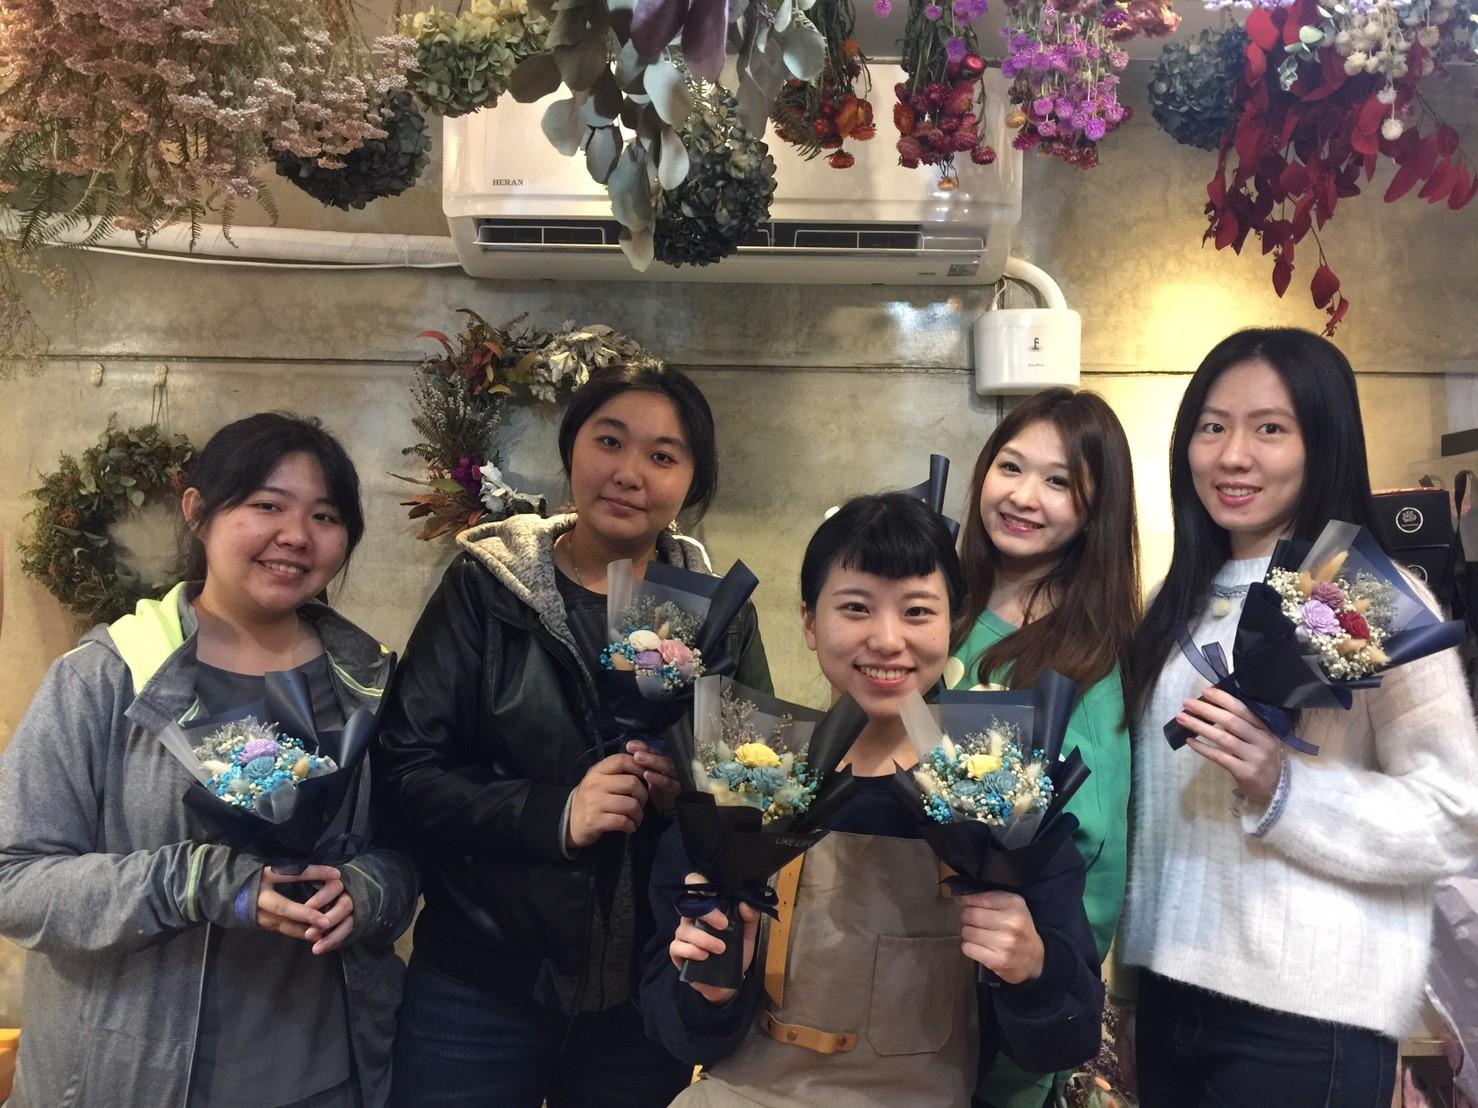 學生來上乾燥花課程,乾燥花課程分享,乾燥花教學台北課程,喜歡生活台北乾燥花店教學課程